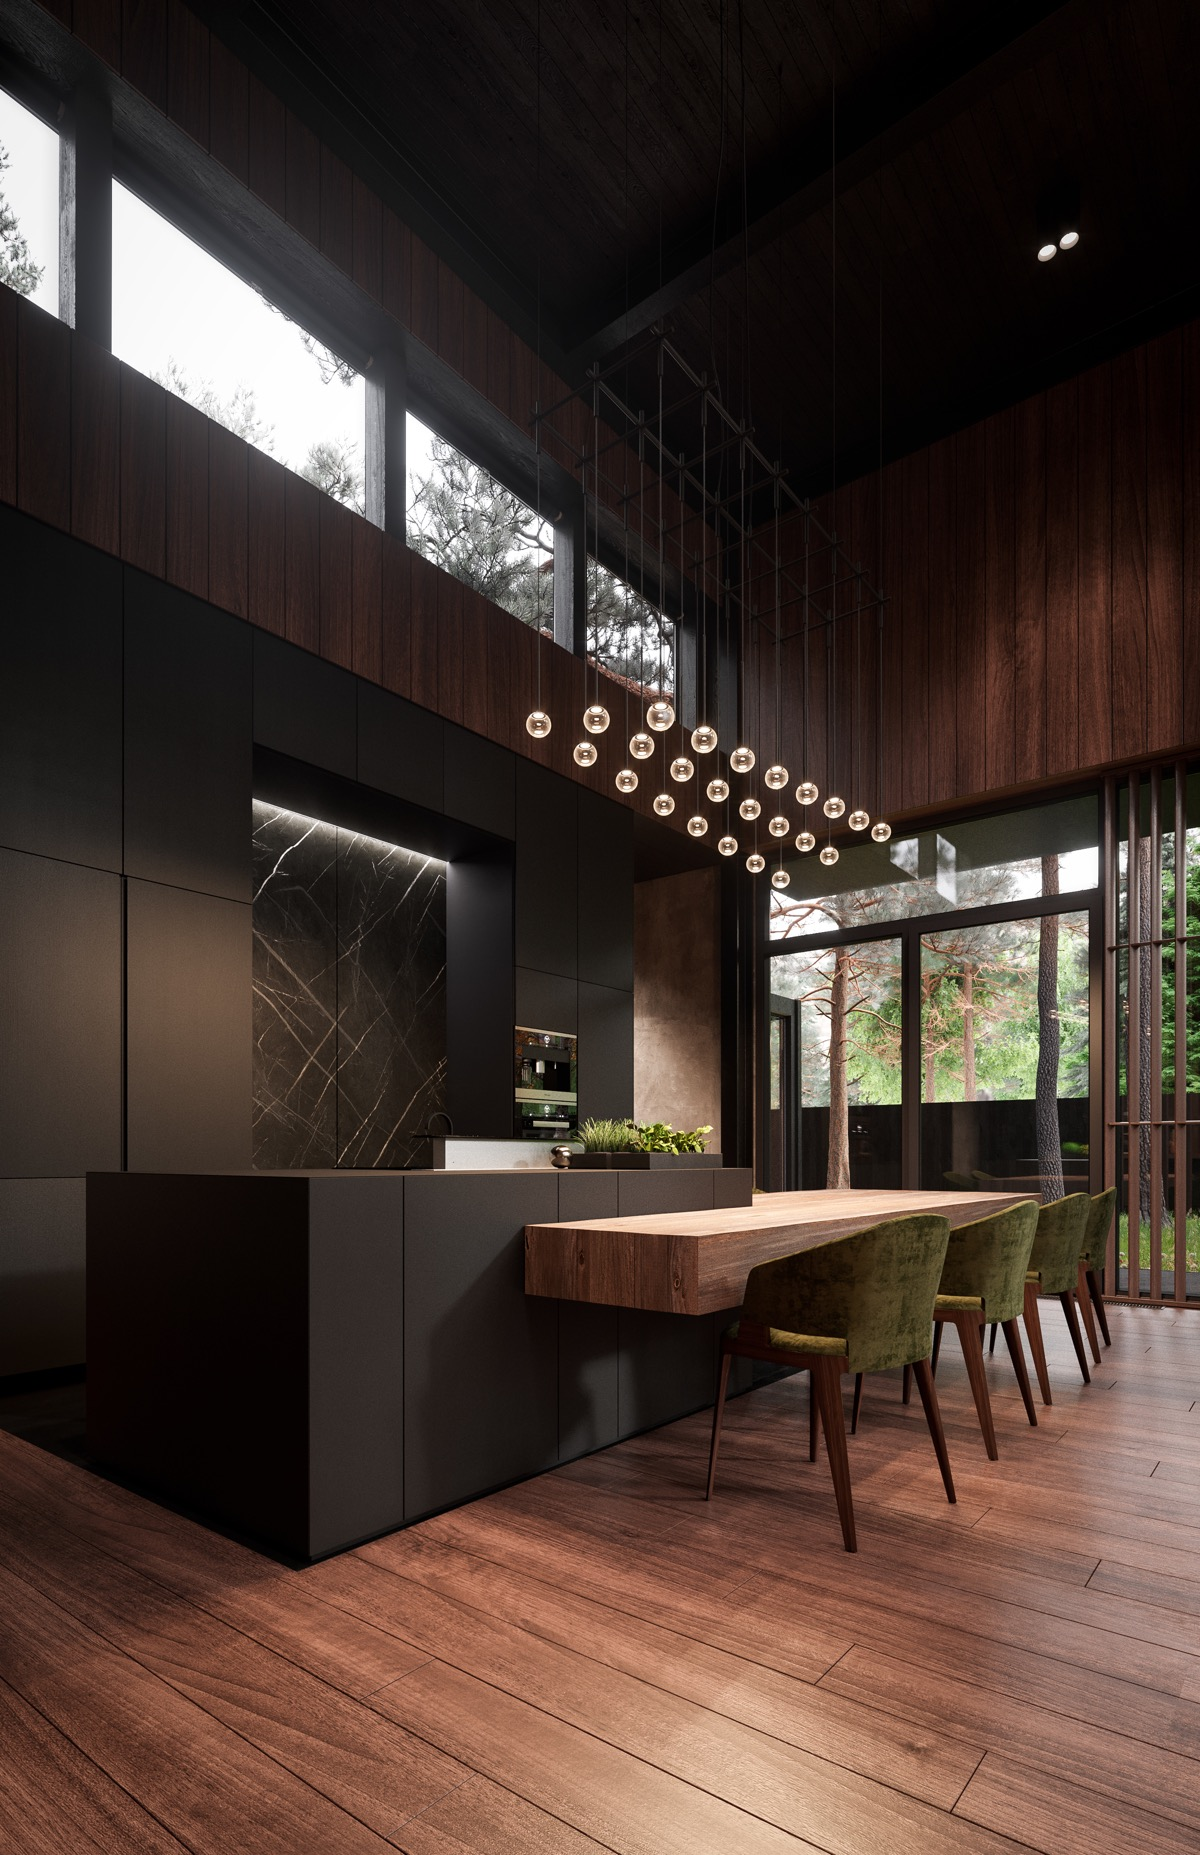 luxury-kitchen-photo